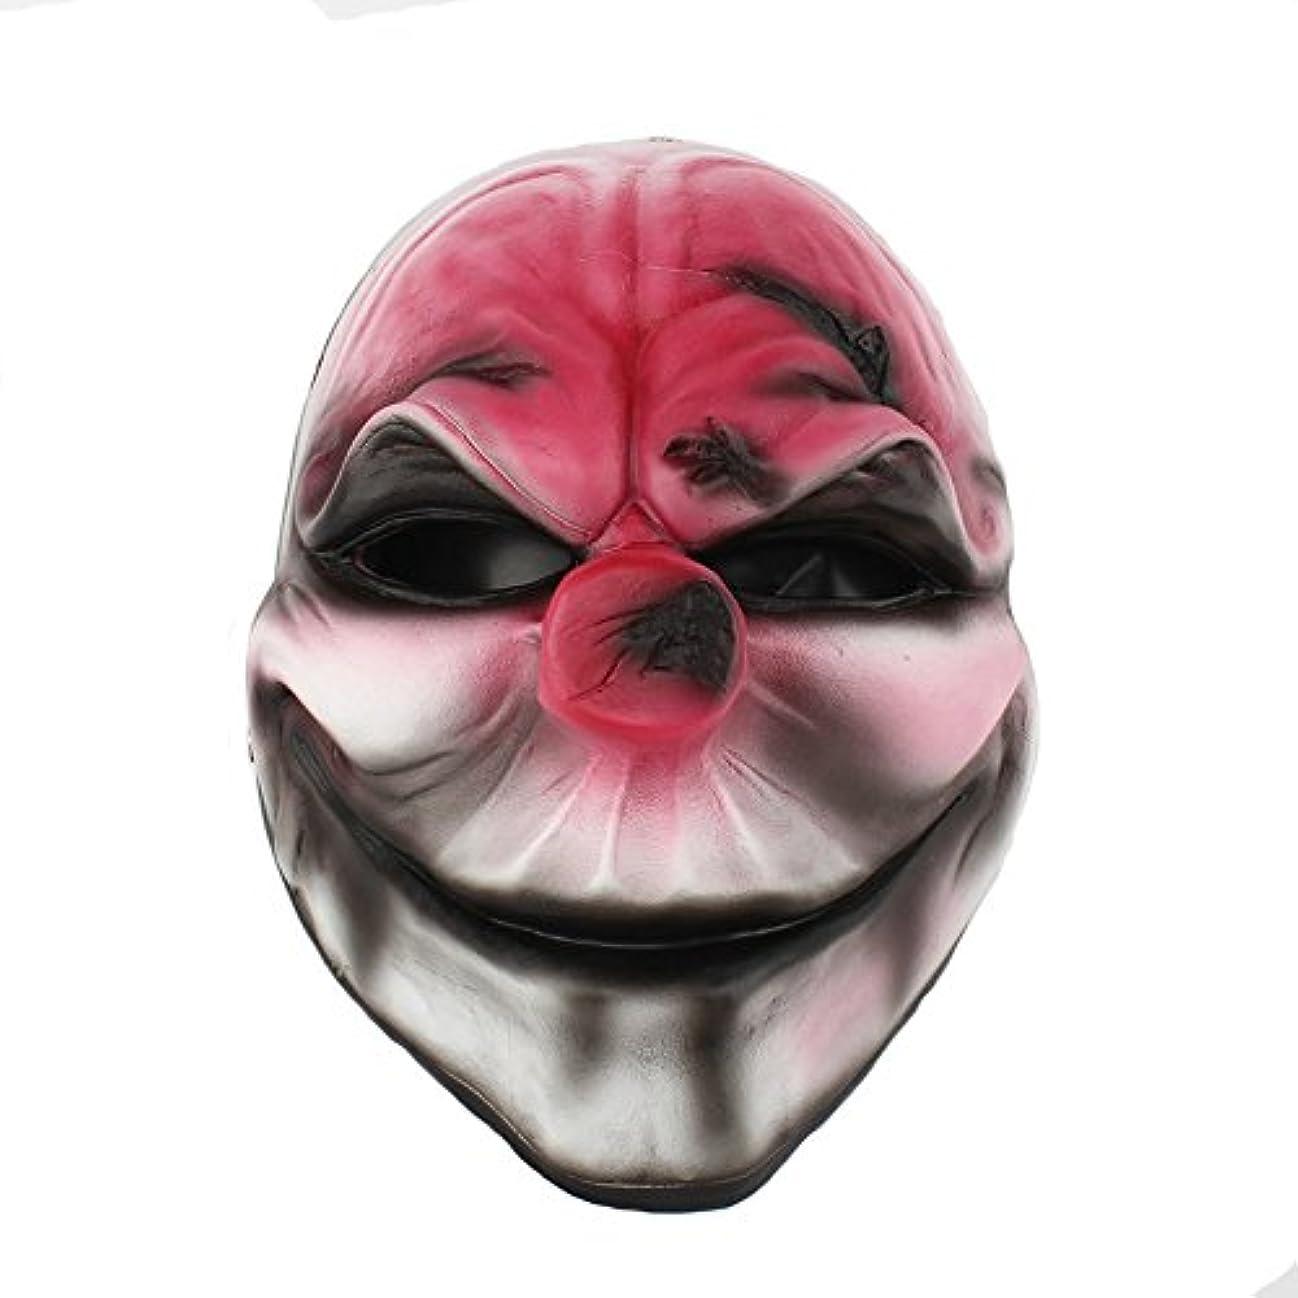 征服する結晶束ハロウィーン仮装パーティーキャラクタードレスアップ樹脂マスク収穫日2シリーズ新しい赤い頭